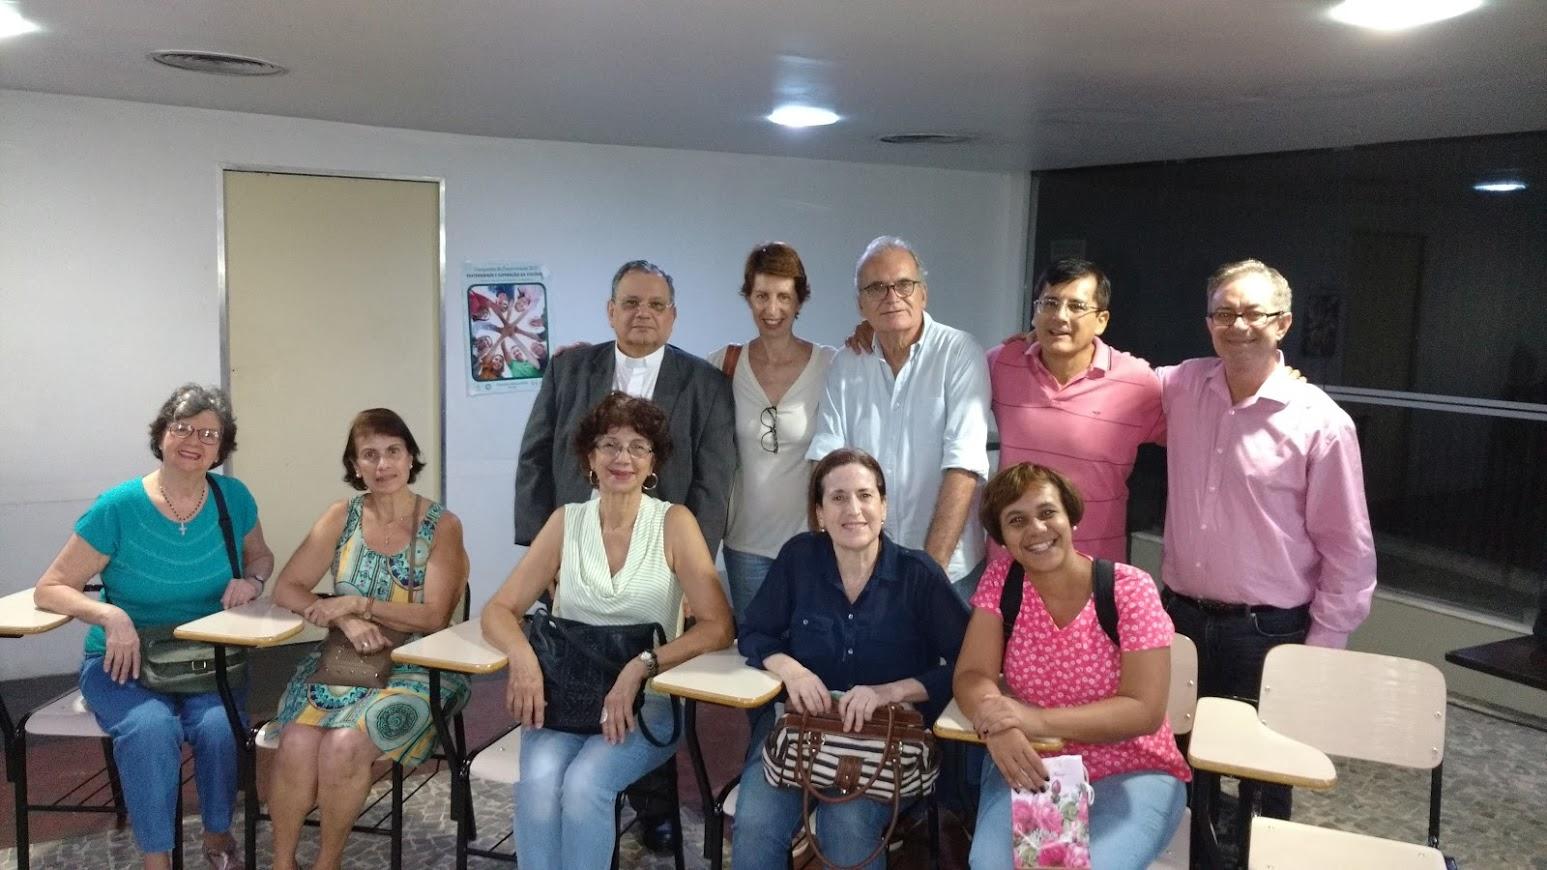 Dom Joel com membros da Pastoral do Surdo, intérprete e com o Coordenador Arquidiocesano da Pasped.